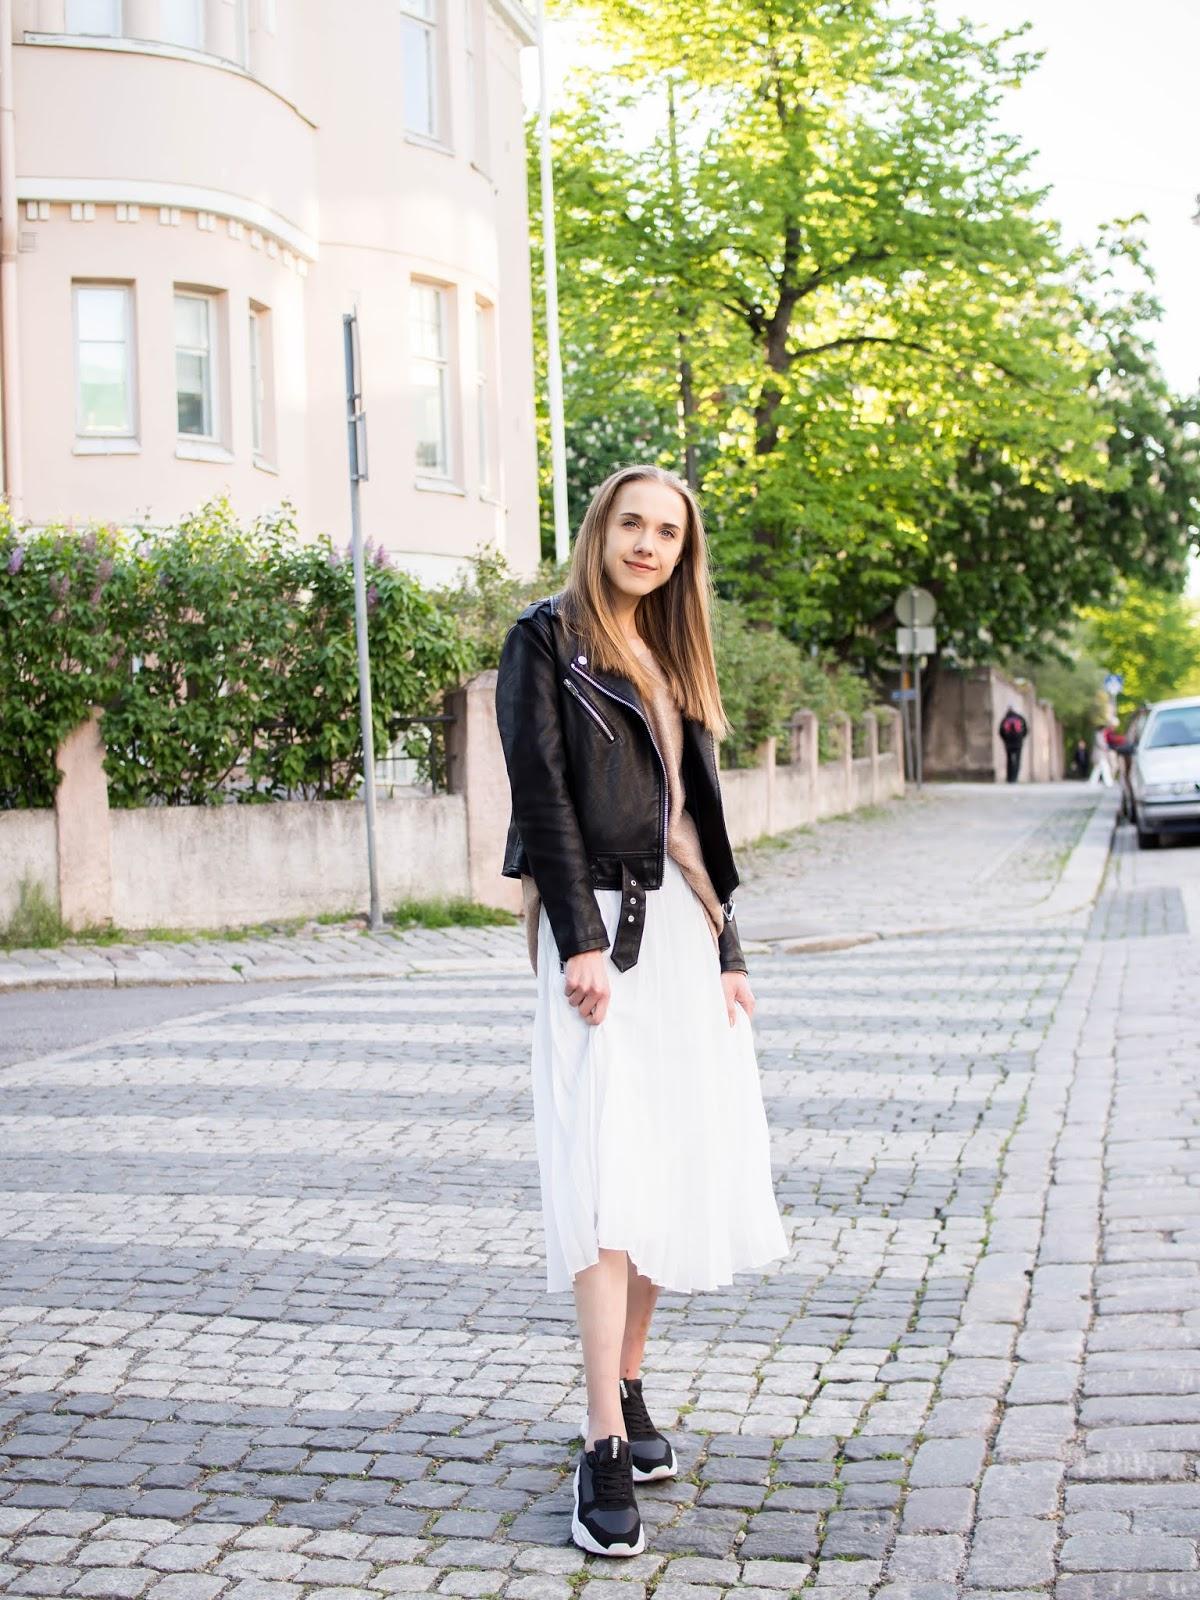 Scandinavian summer street style, Helsinki, Finland - Muotibloggaaja, kesämuoti, Helsinki